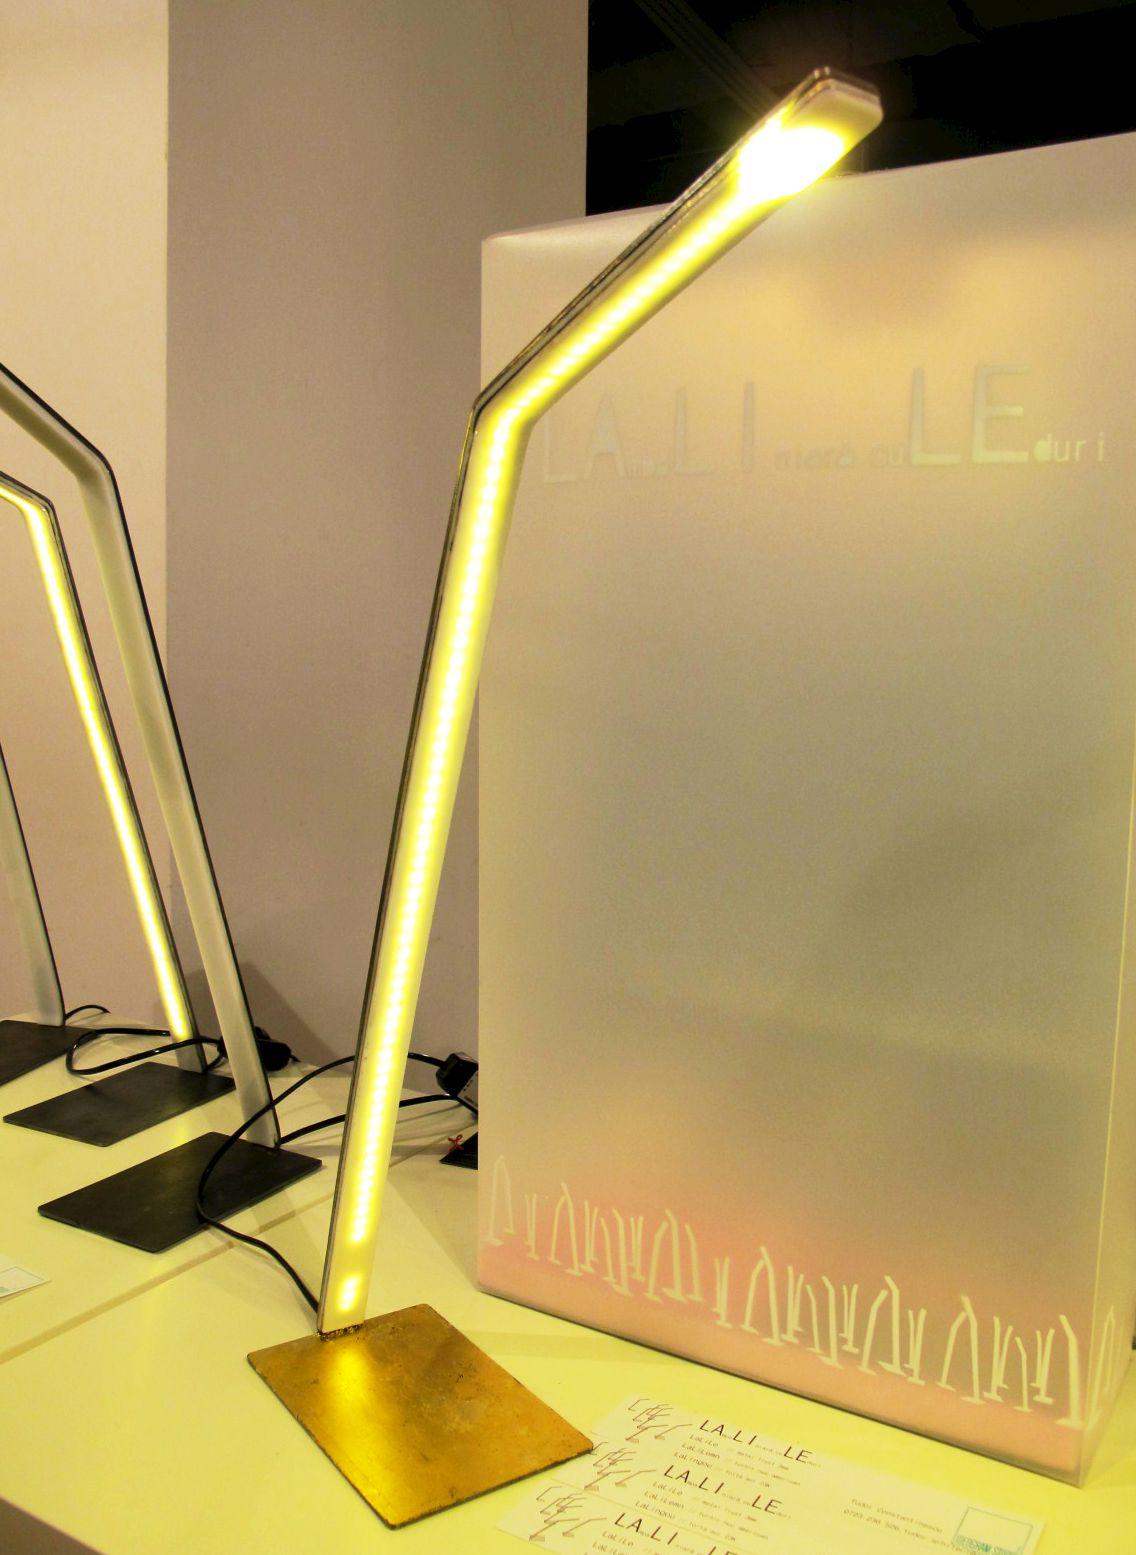 Colectia de lampi cu LED LaLile designer Tudor Constantinescu, Ideogram Studio, Autor 4 noiembrie 2012